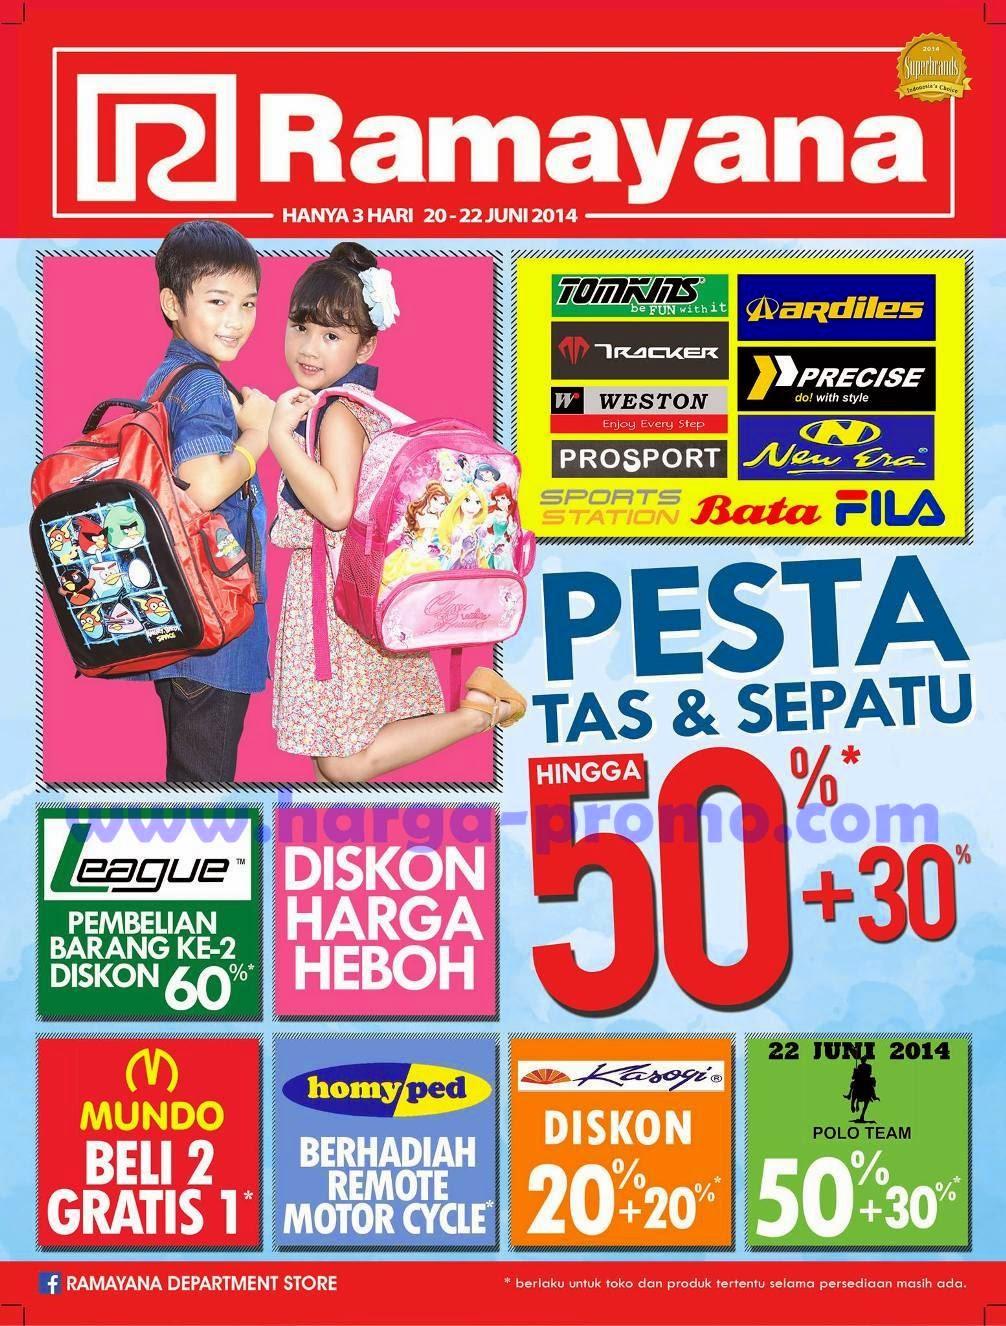 Promo Ramayana Department Store Akhir Pekan Periode 20 22 Juni